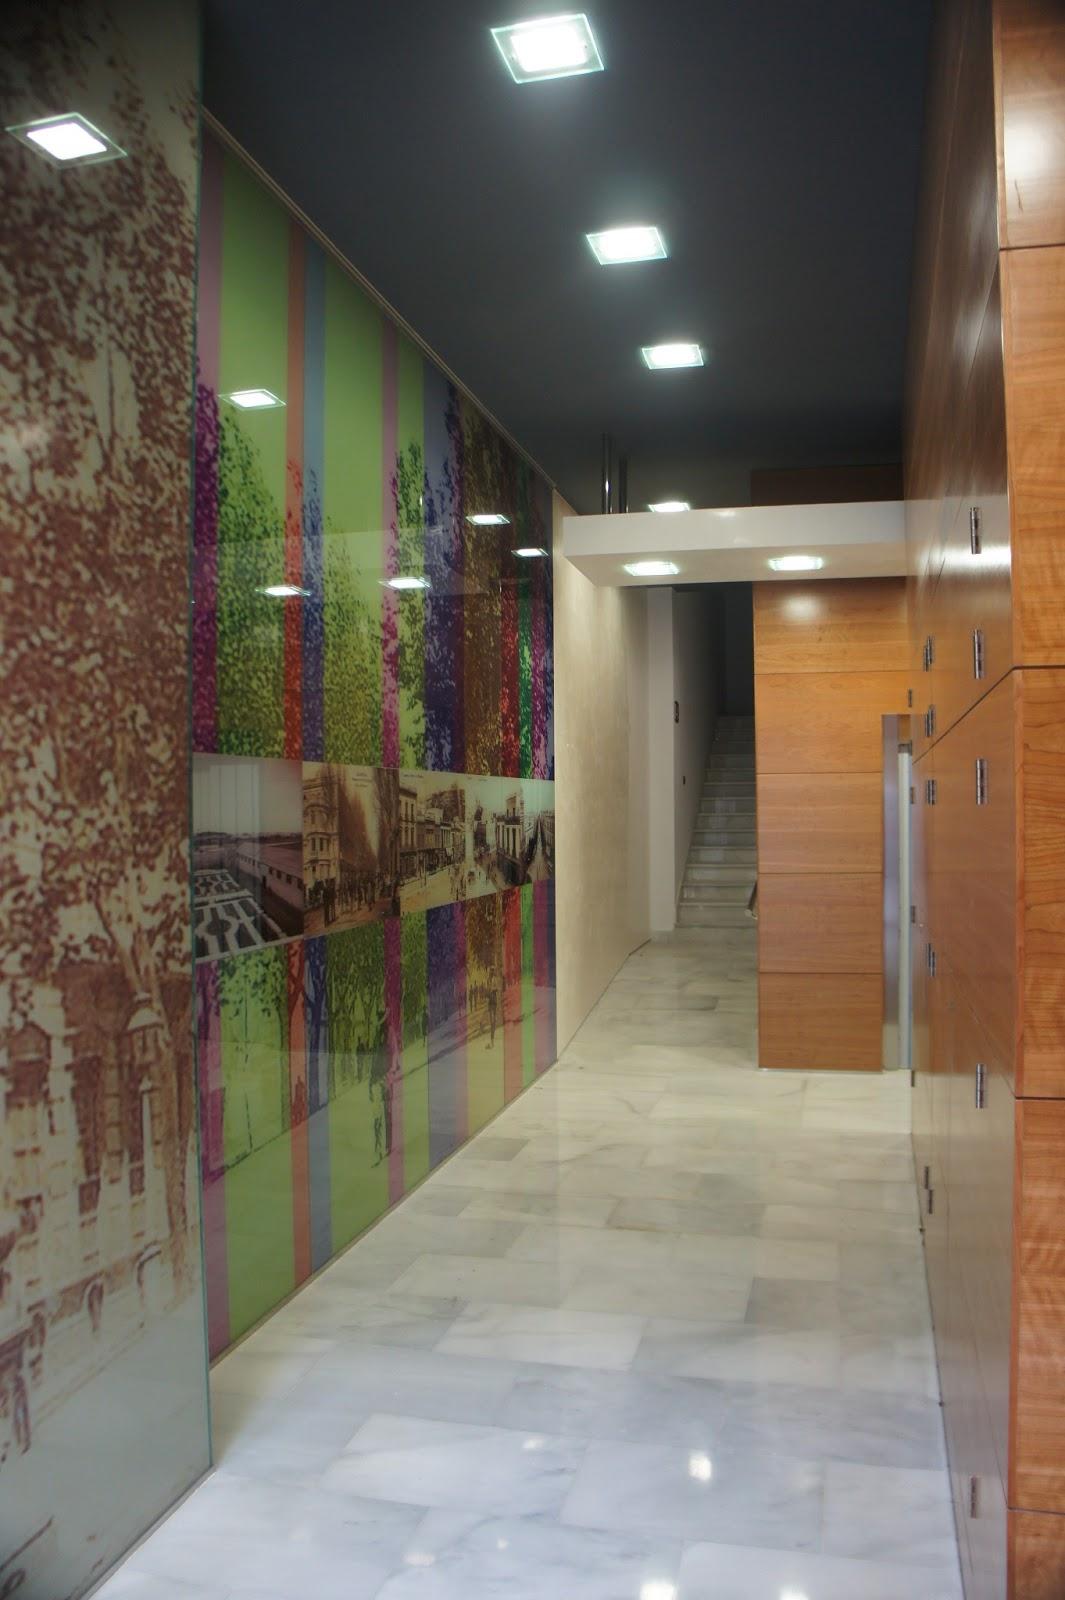 Dofil tres s l oficinas locales y garajes en paseo de for Garajes modernos interiores